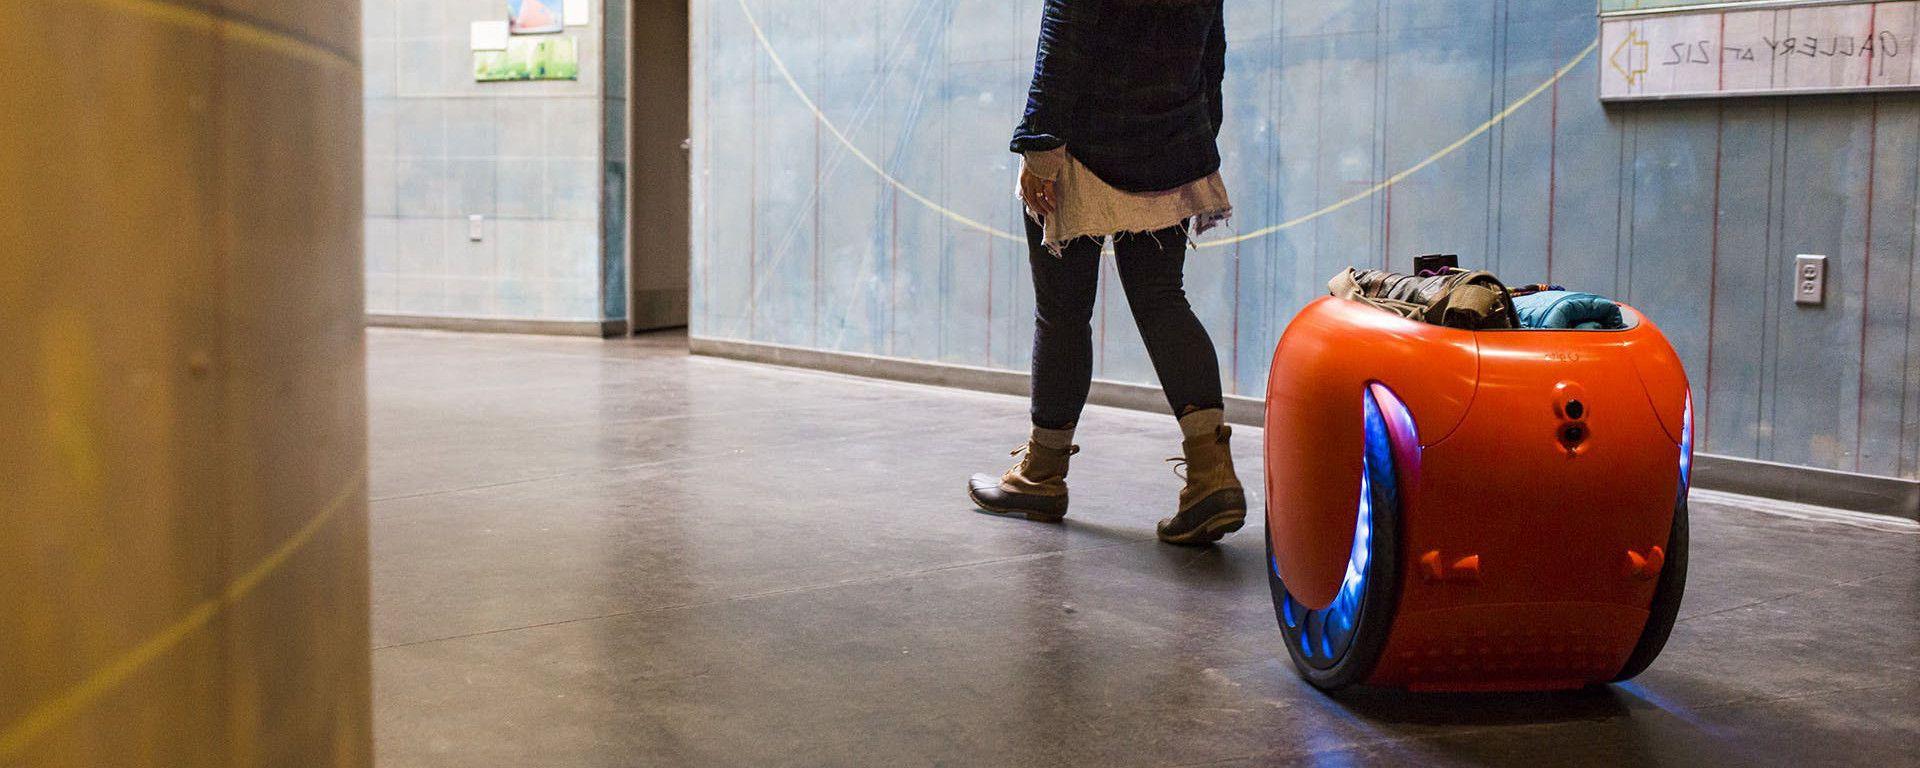 Piaggio Gita, il maggiordomo robot personale